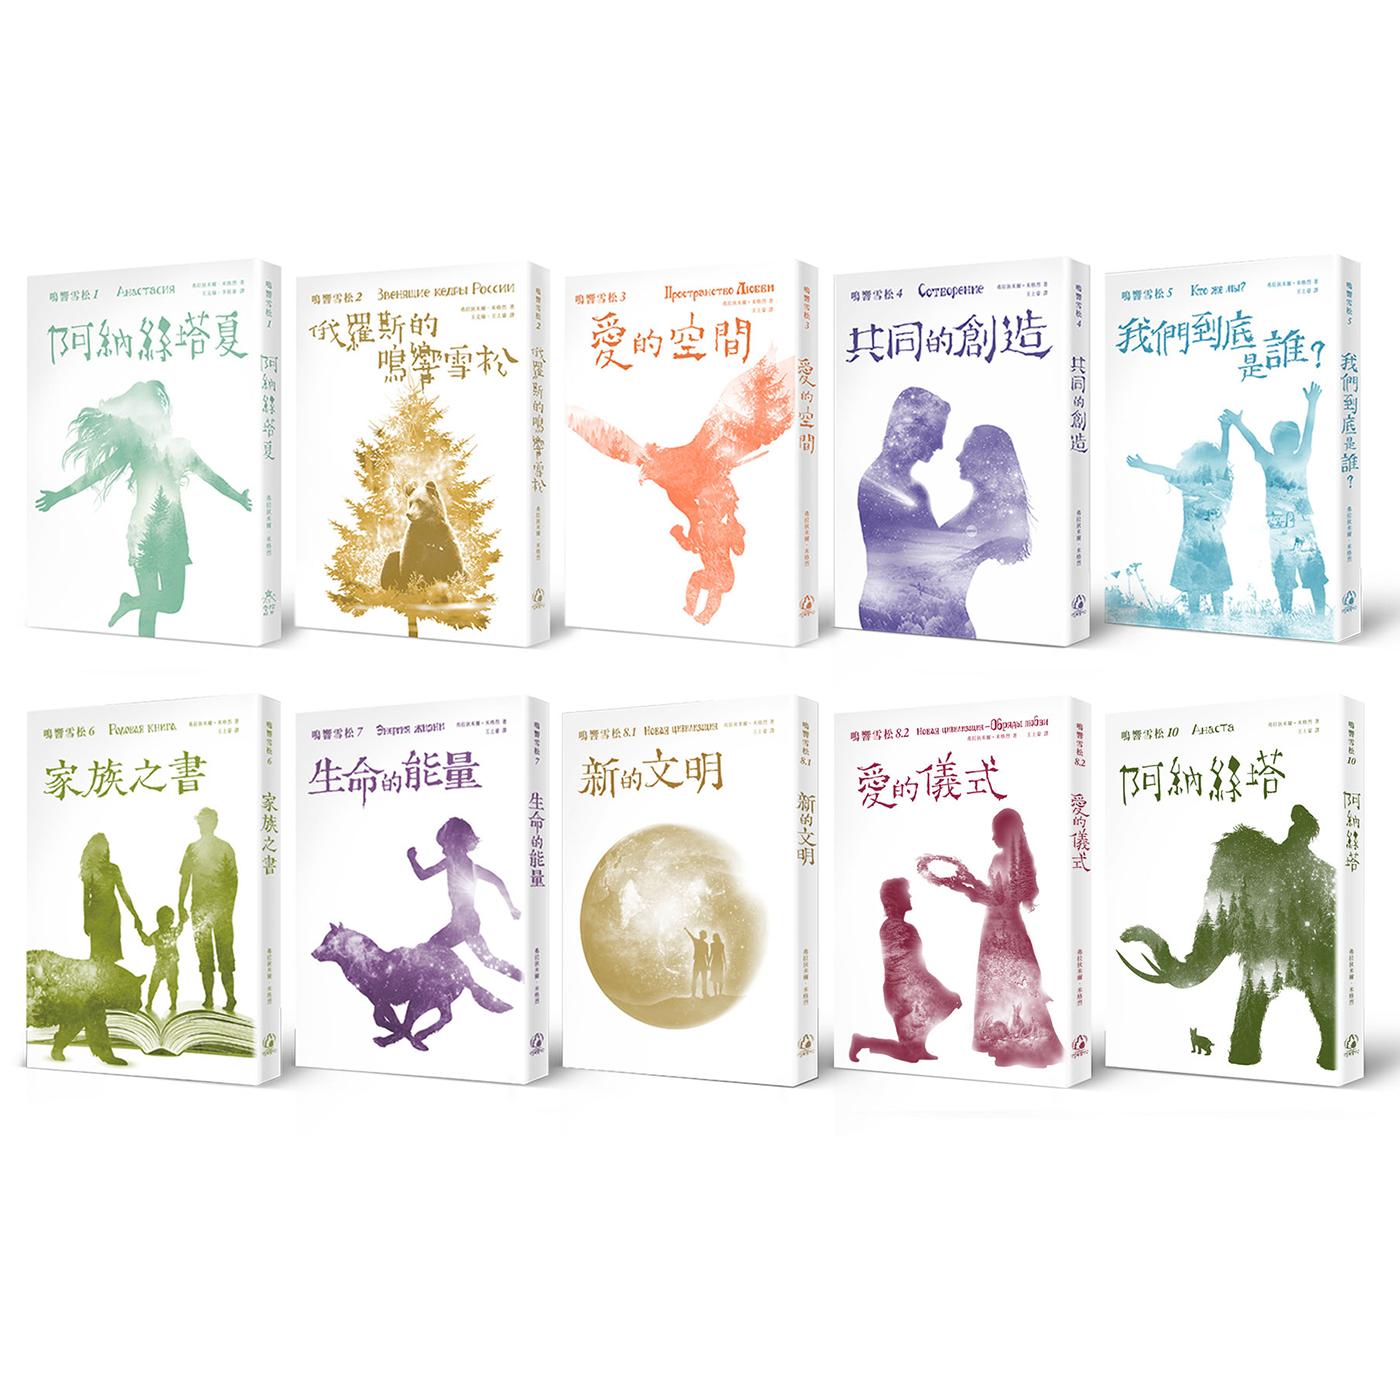 087.【鳴響雪松第九册】第九章造物者最大的禮物